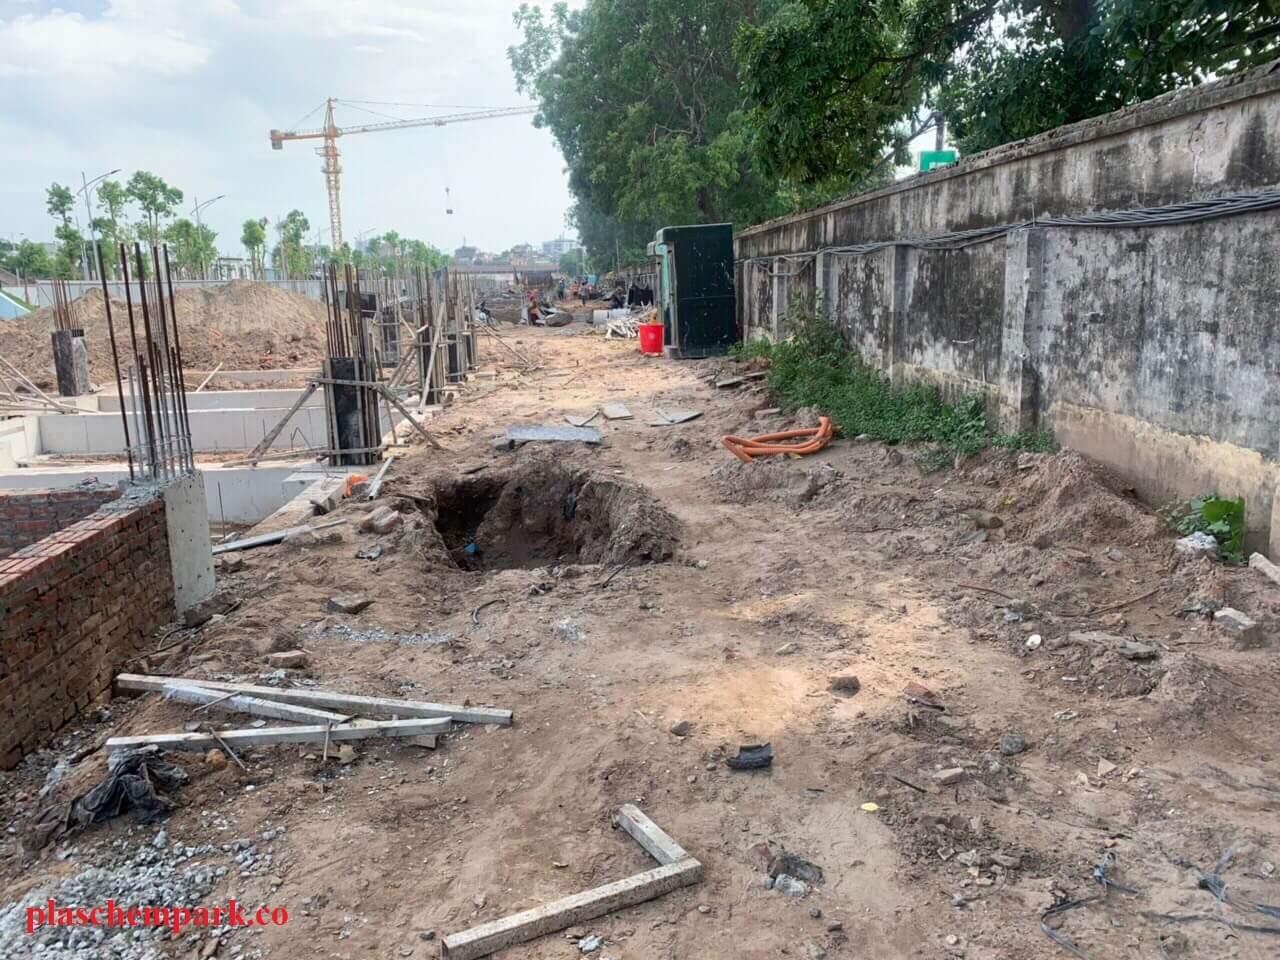 Tường bao ngoài của dự án sau này sẽ được dỡ bỏ.